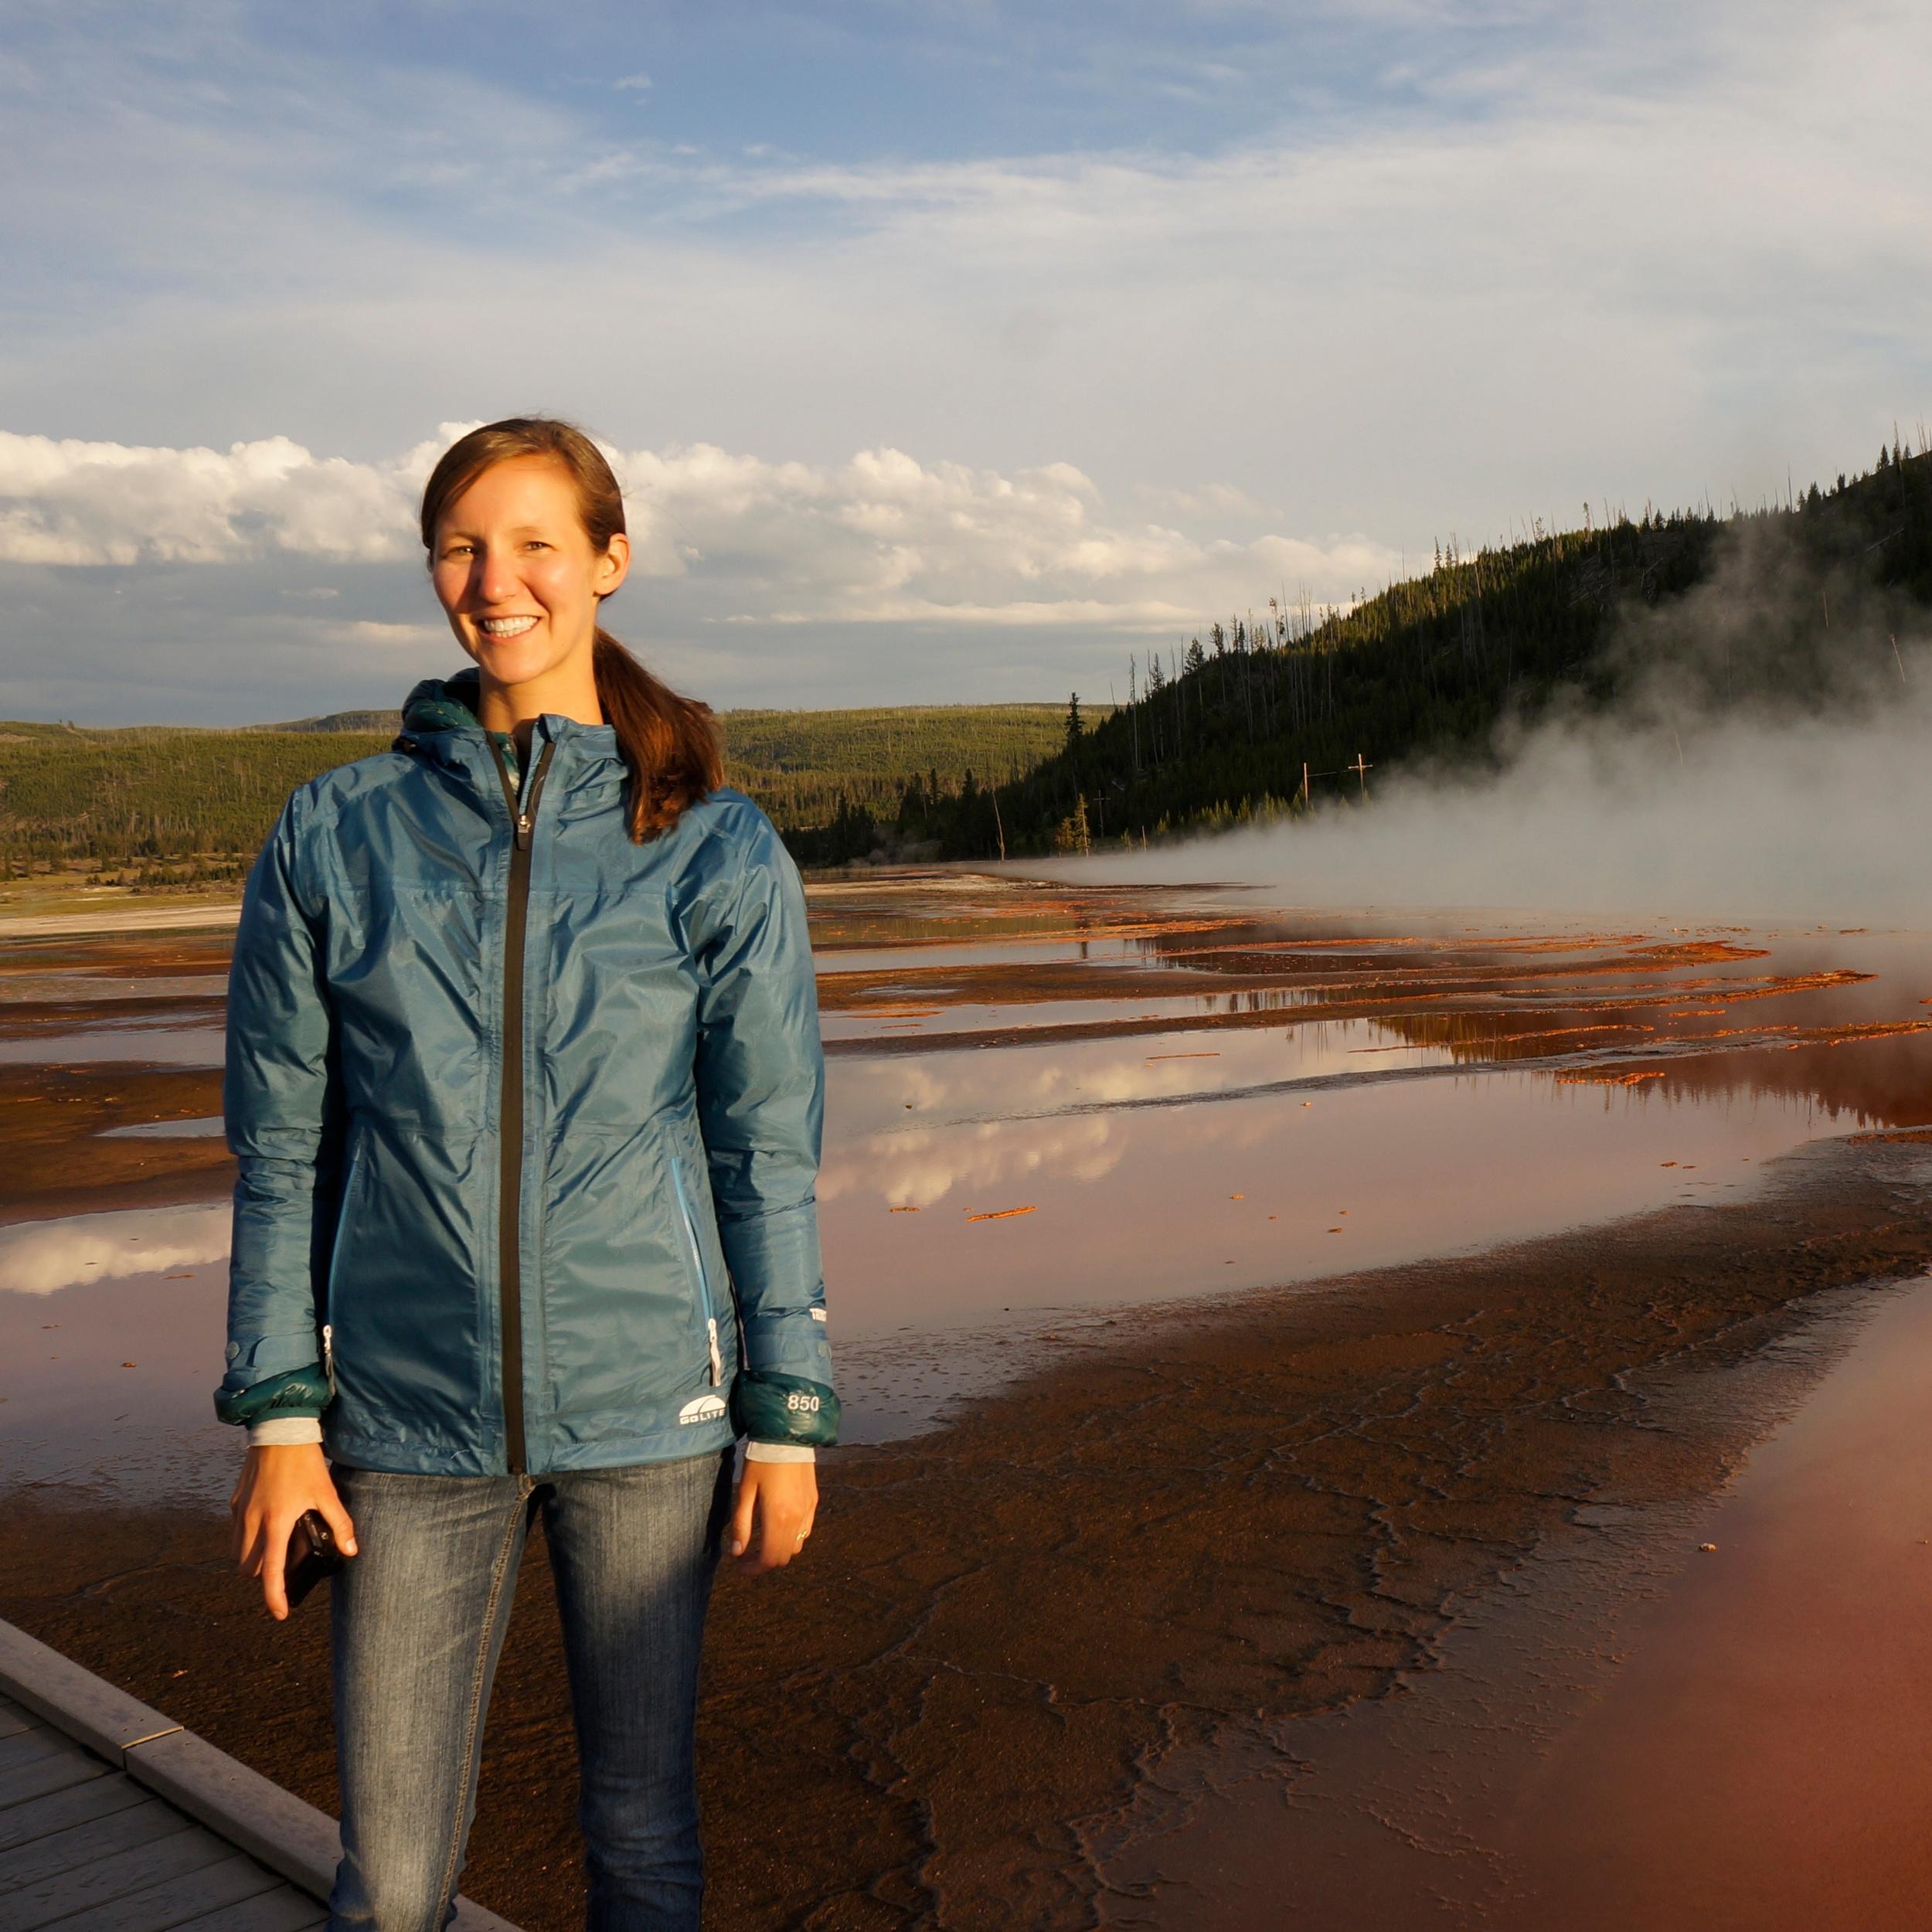 Barbara soaking up Yellowstone's beauty